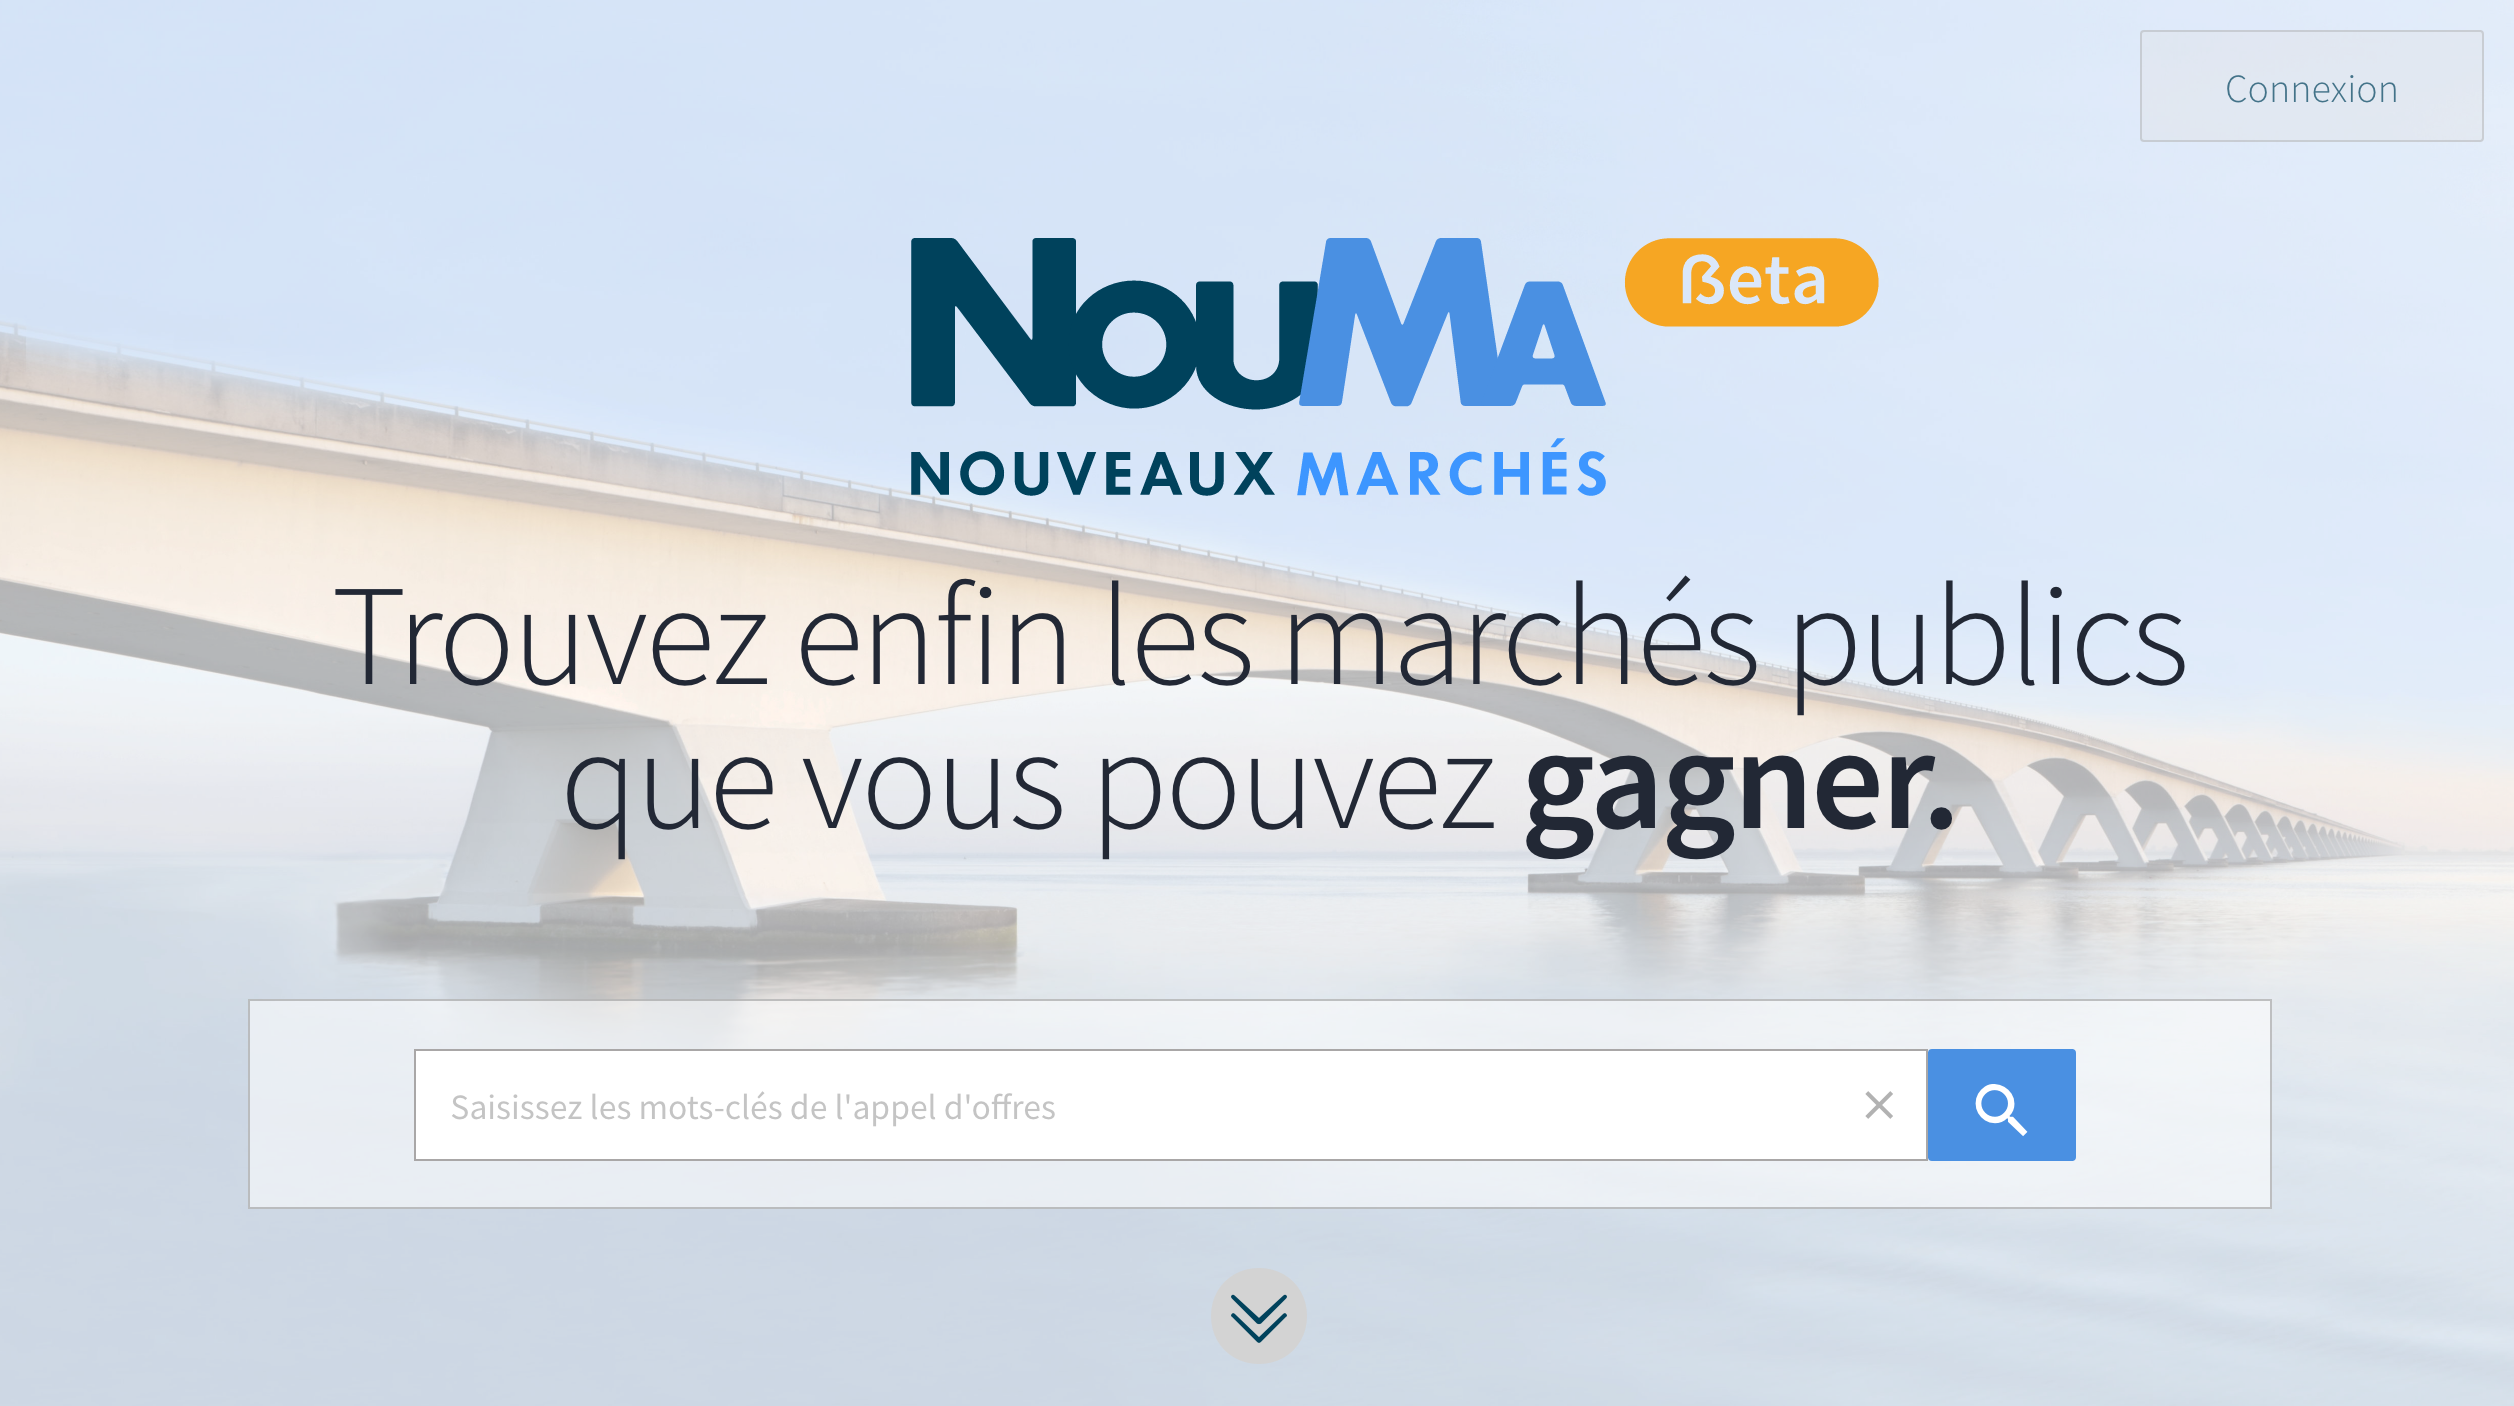 Nouma